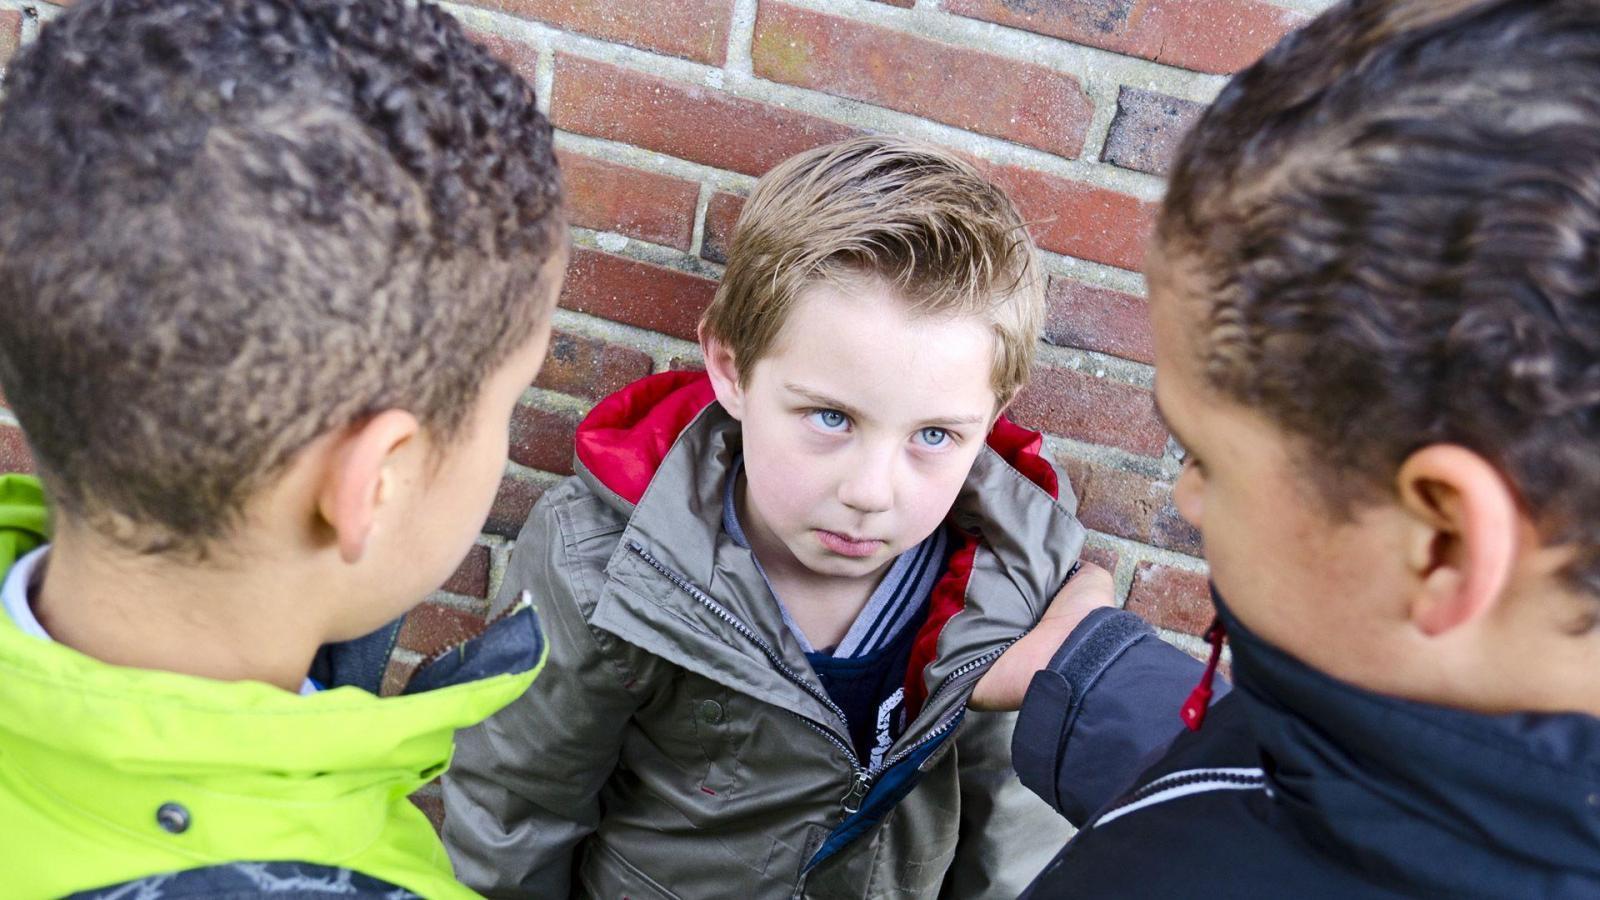 Подростки отобрали телефон у 9-летнего мальчика